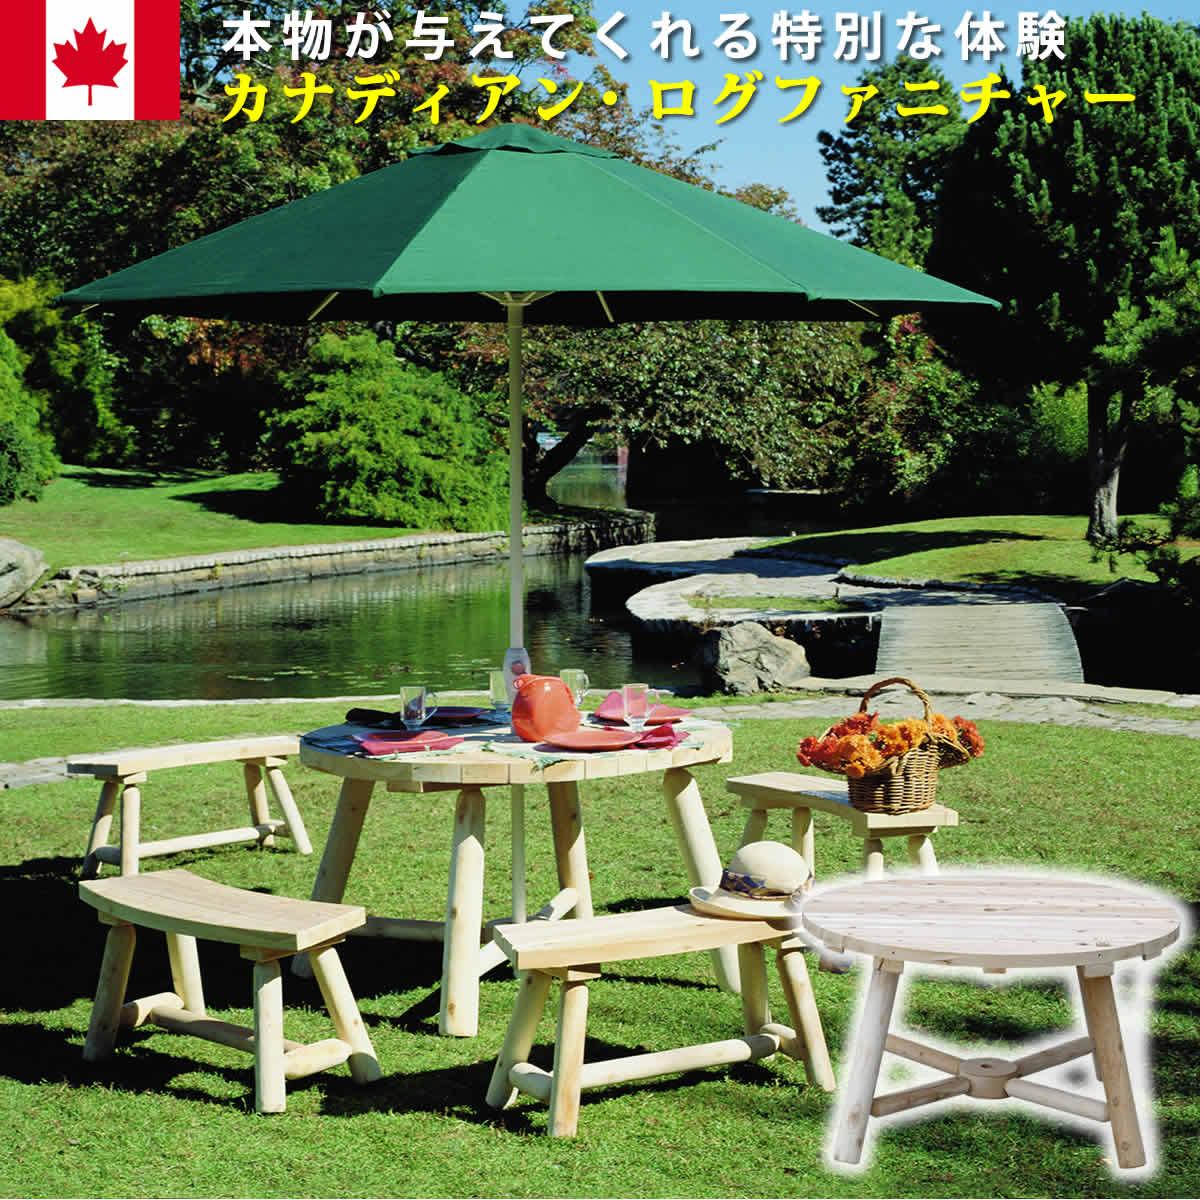 在庫限り!【送料無料】 丸太のテーブル! Cedar Looks 〔シダールックス〕 ラウンドパラソルテーブル ホワイトシダー